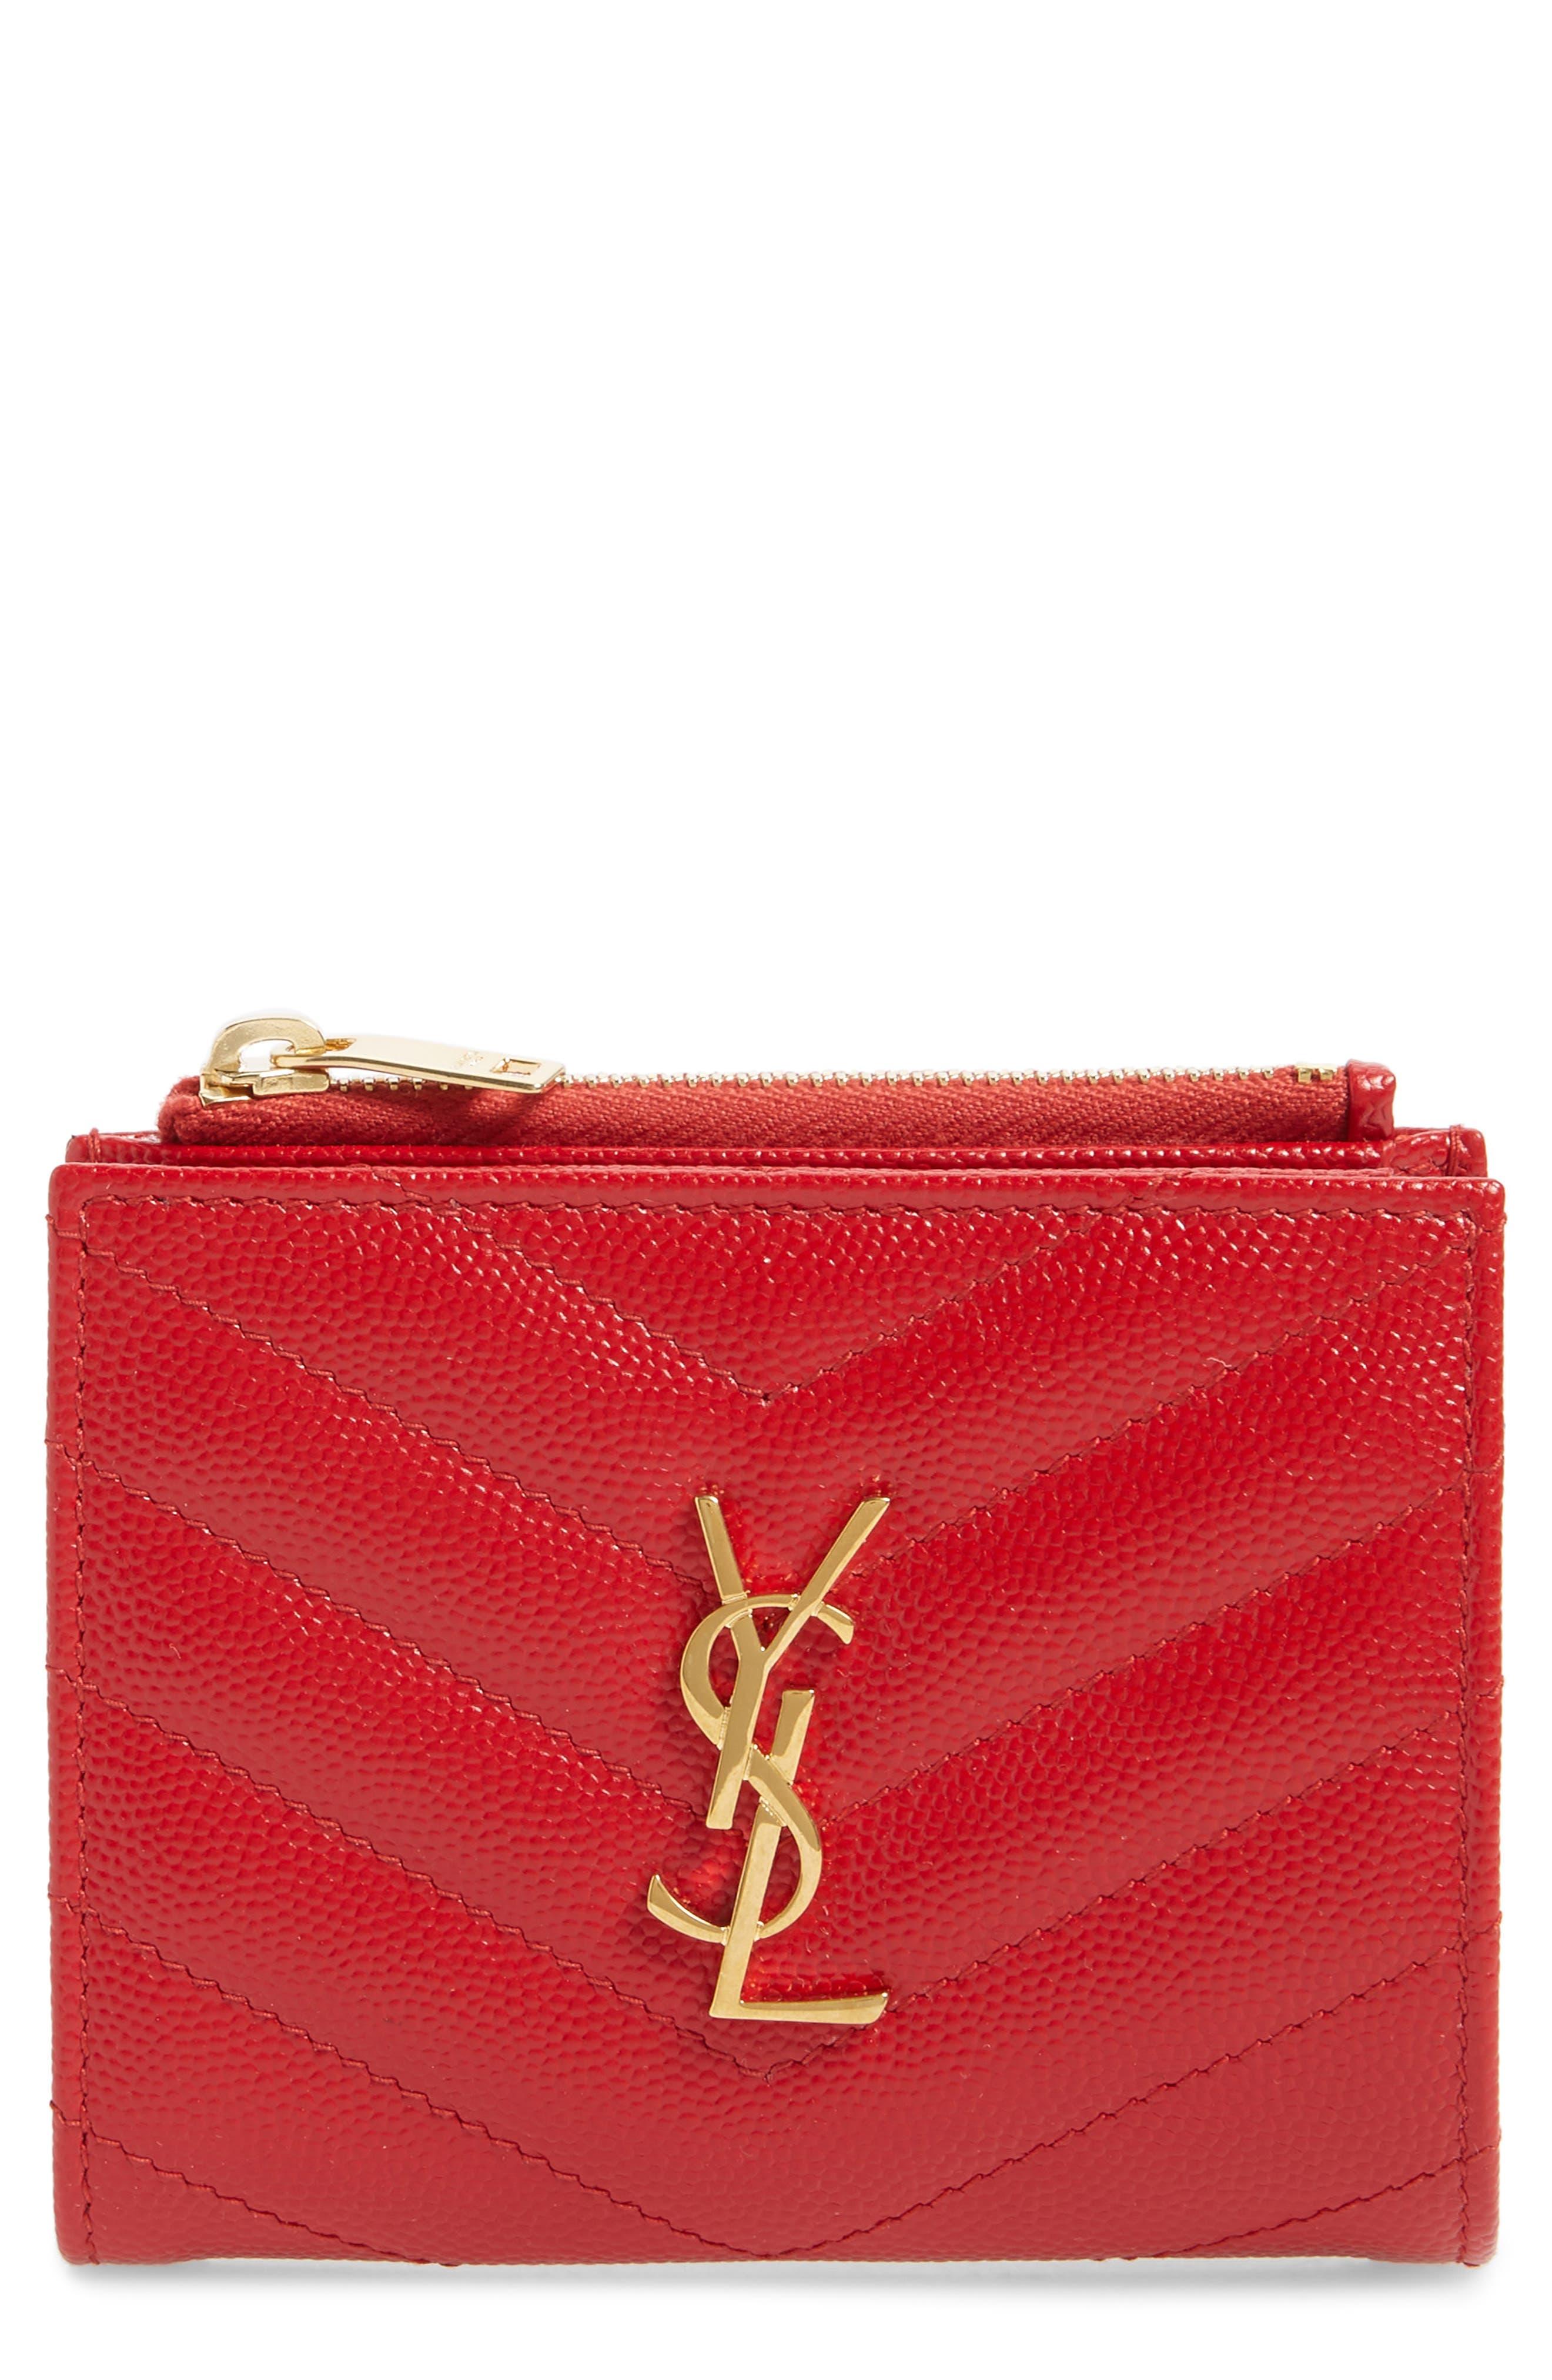 SAINT LAURENT, Monogram Leather Card Case, Main thumbnail 1, color, BANDANA RED